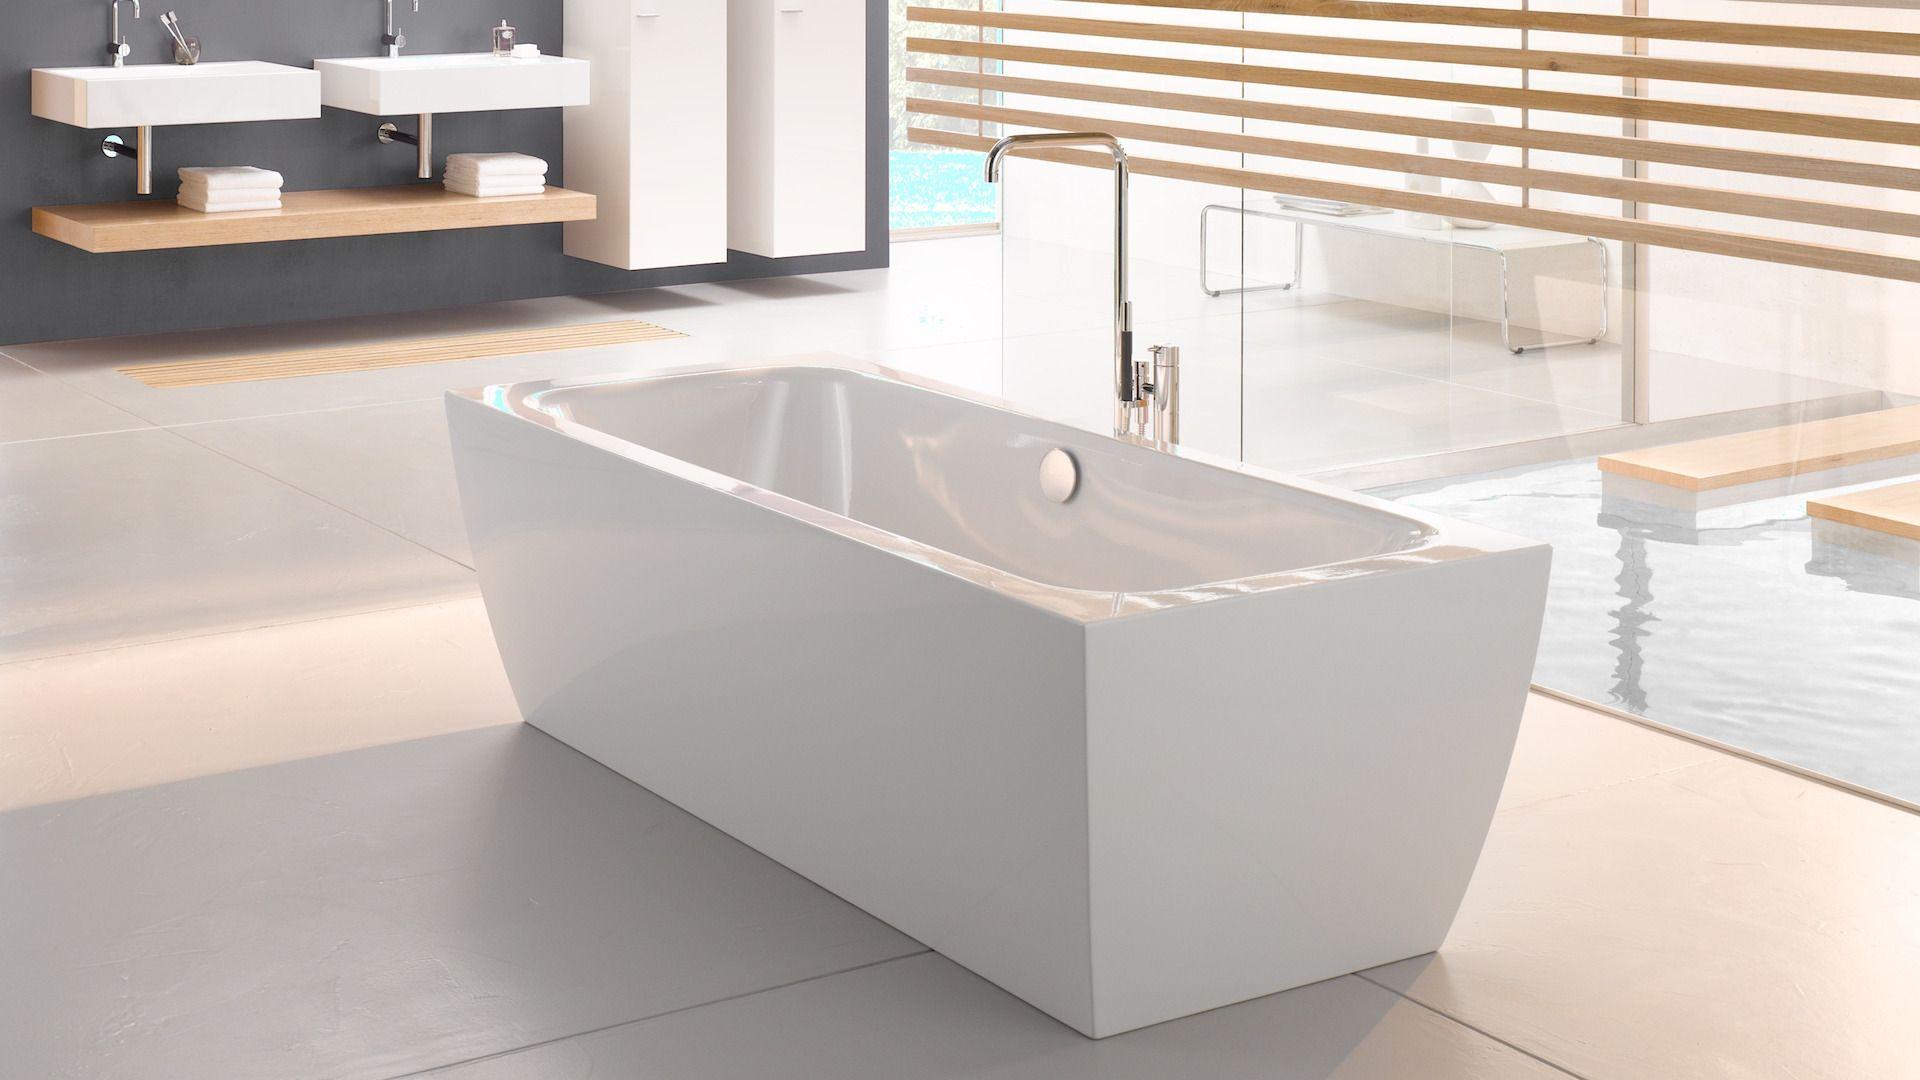 Die Freistehende Rechteckige Wanne Mit Konischen Seitenwanden Verbindet Geradlinigkeit Mit Entspanntem Bade Badezimmer Design Badewanne Badezimmer Inspiration